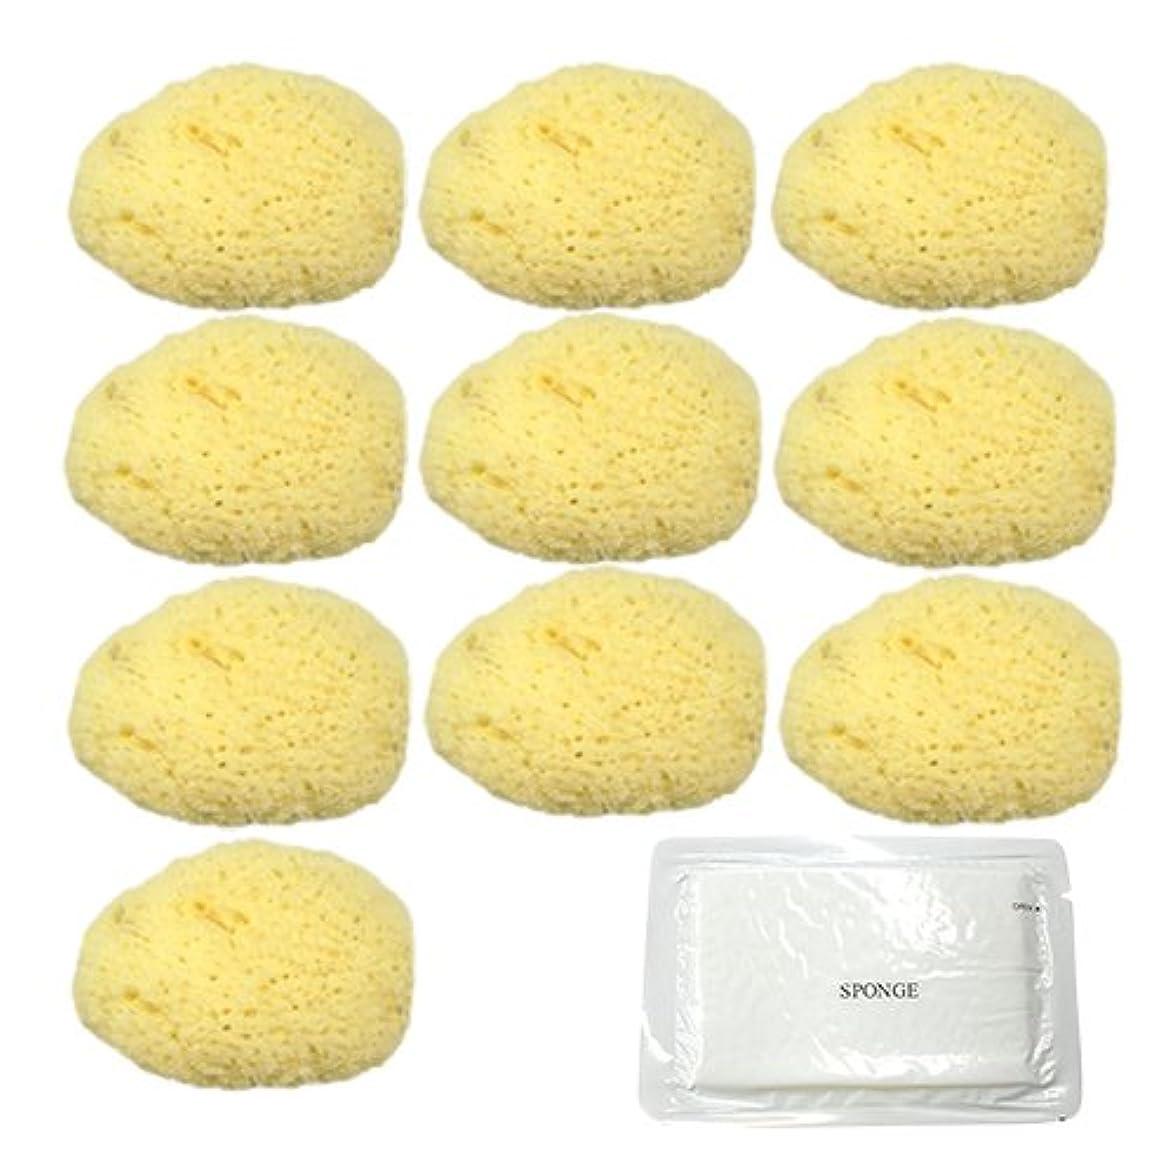 パトロールレイアウト流用するユタカ 天然海綿スポンジ(フェイススポンジ) 大 × 10個 + 圧縮スポンジセット